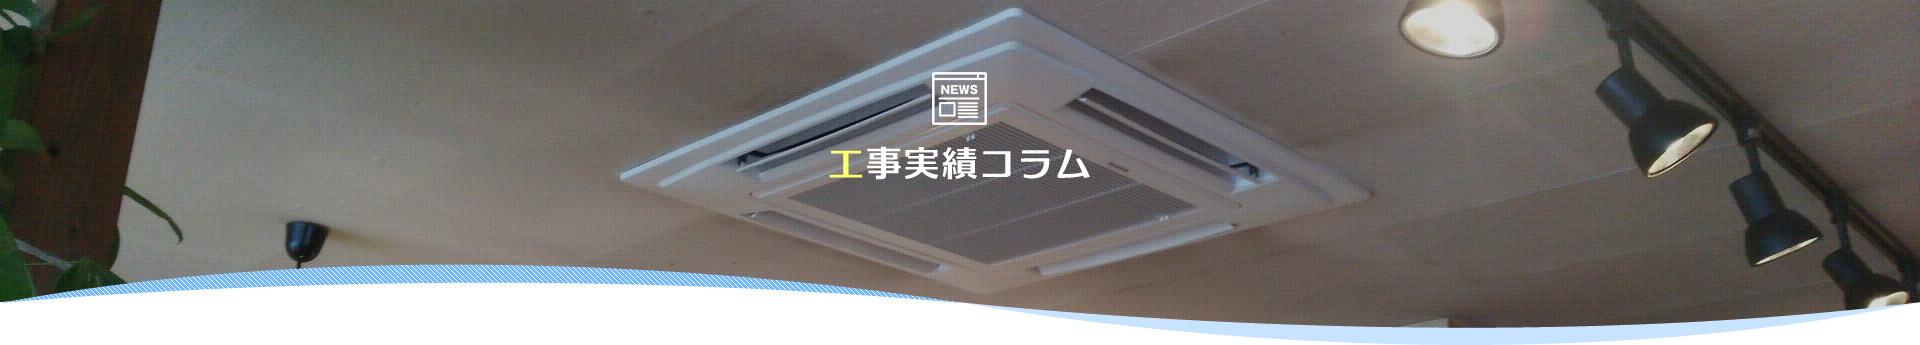 工事実績コラム | エアコンアシスト福岡